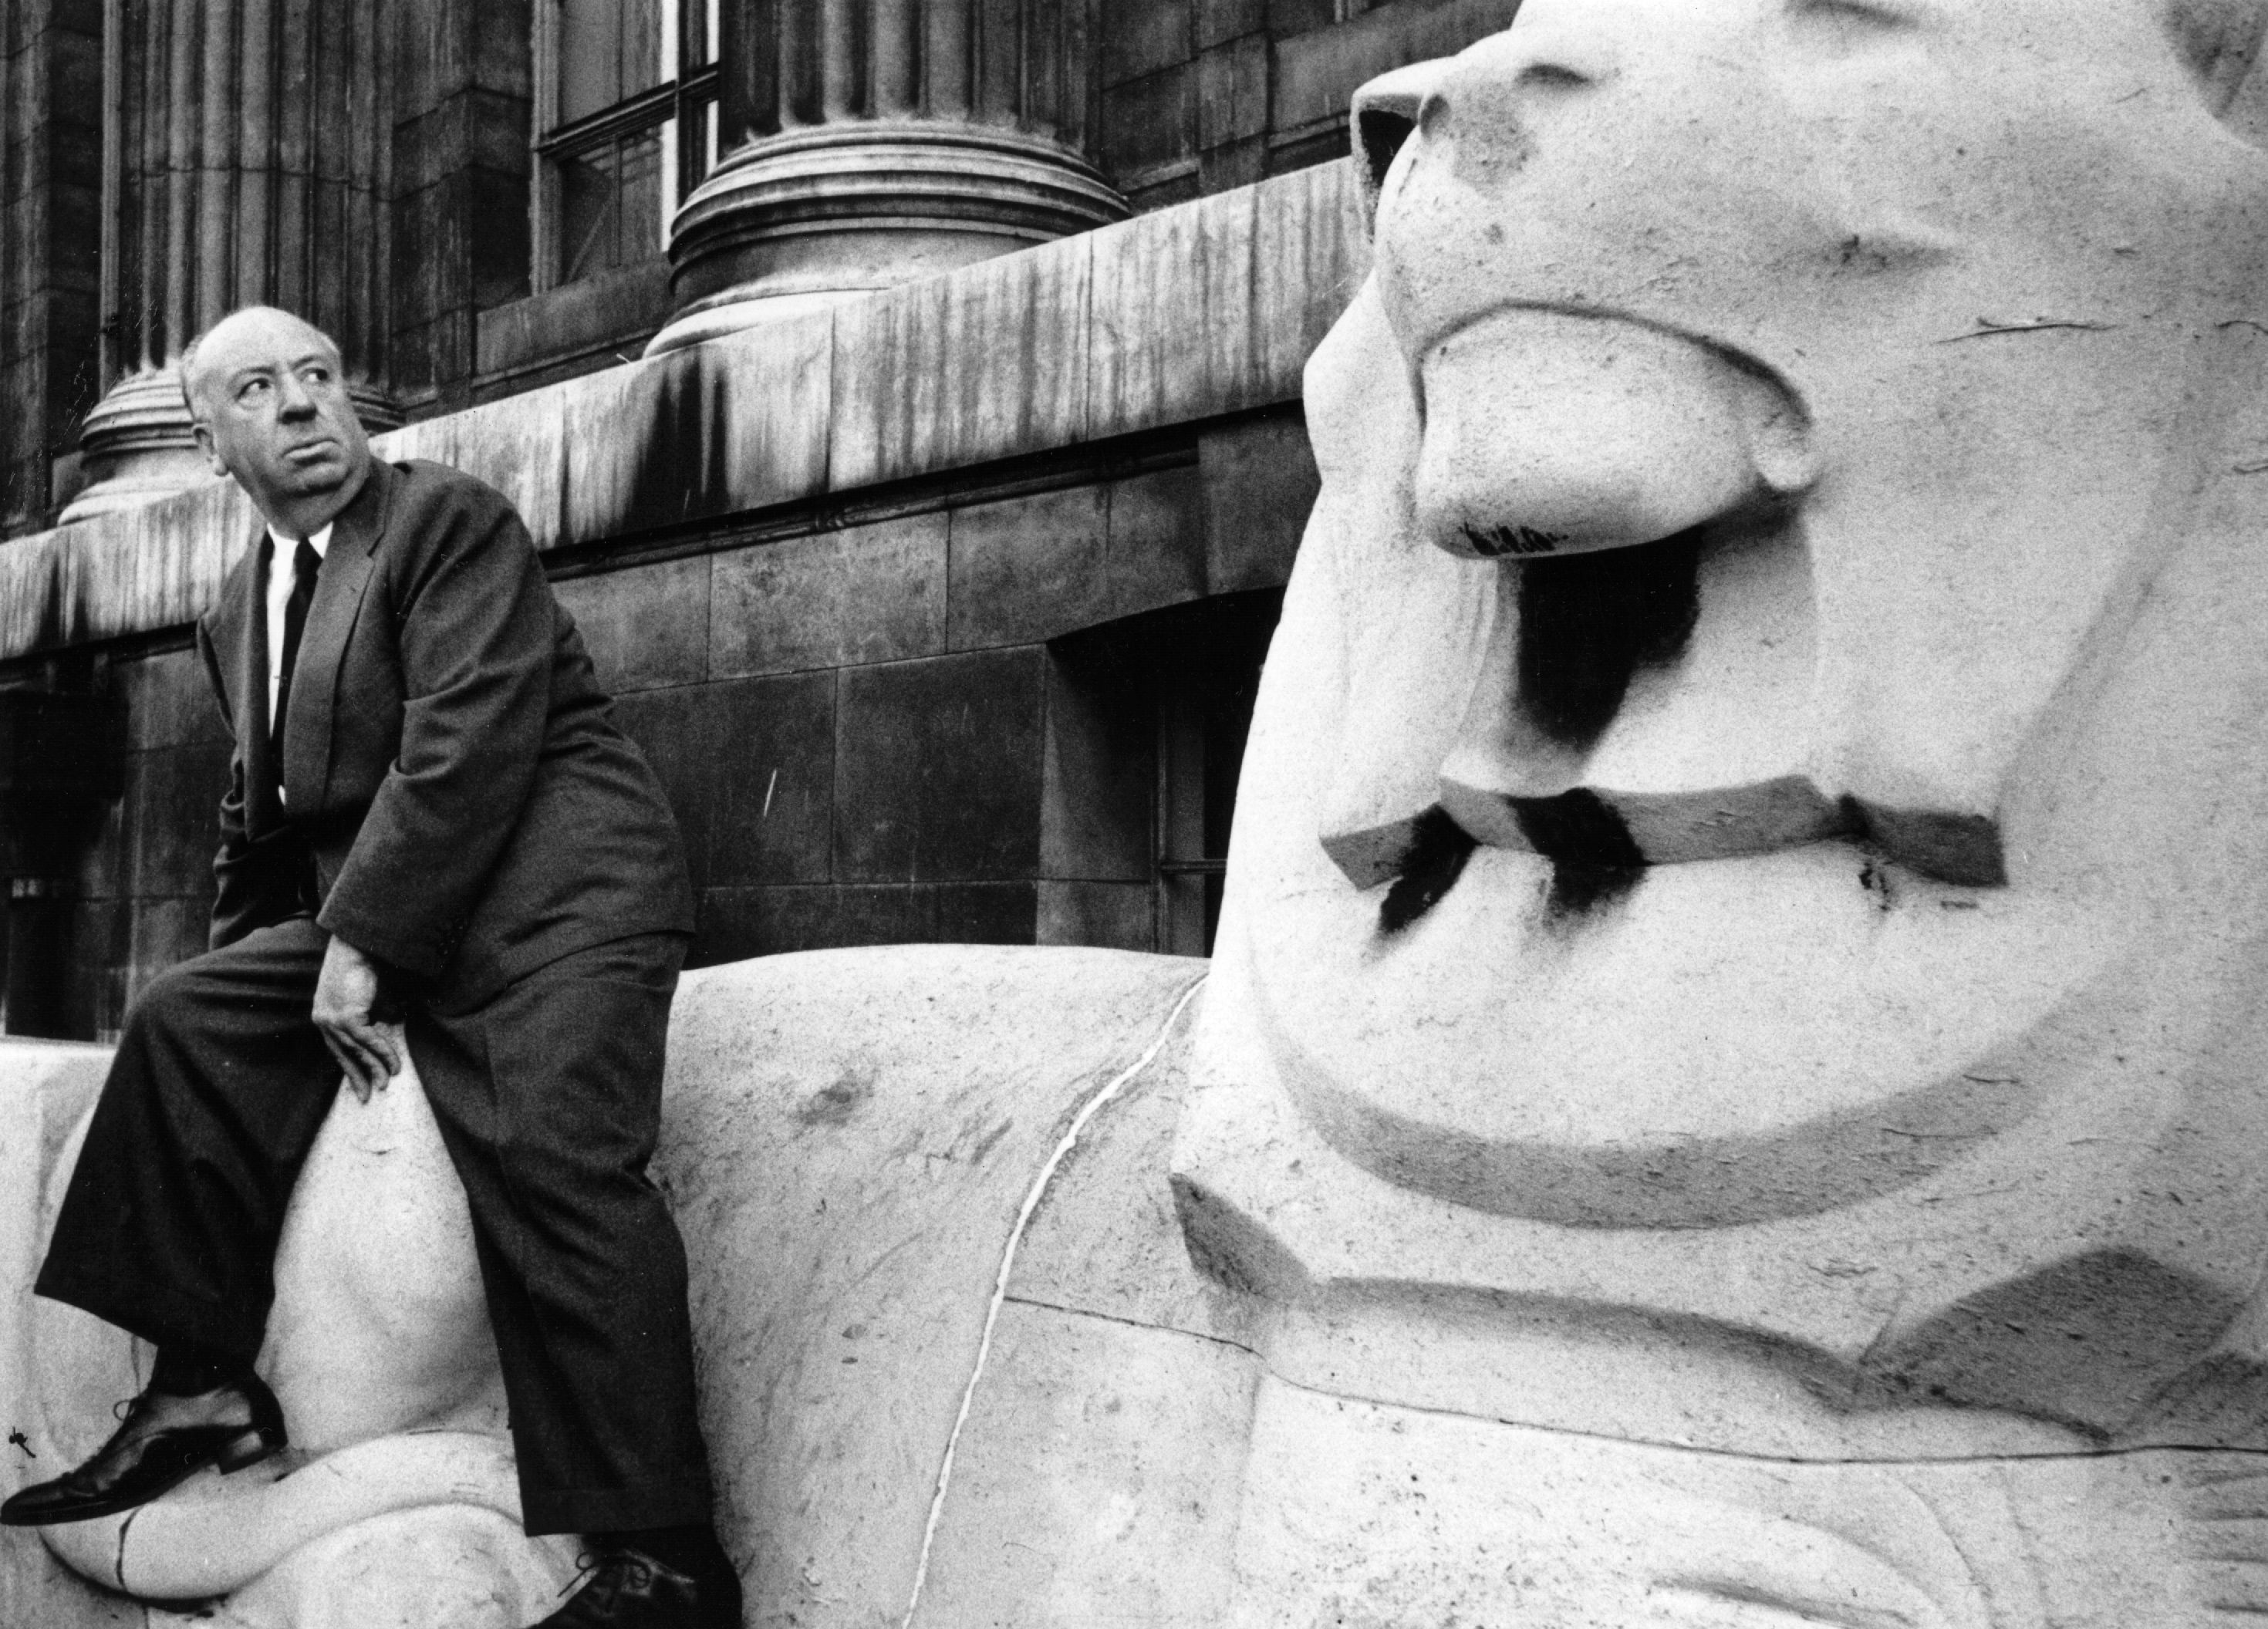 Ein wenig sah sich Hitchcock in der öffentlichen Wahrnehmung auch als Slapstickfigur in der Nachfolge Buster Keatons